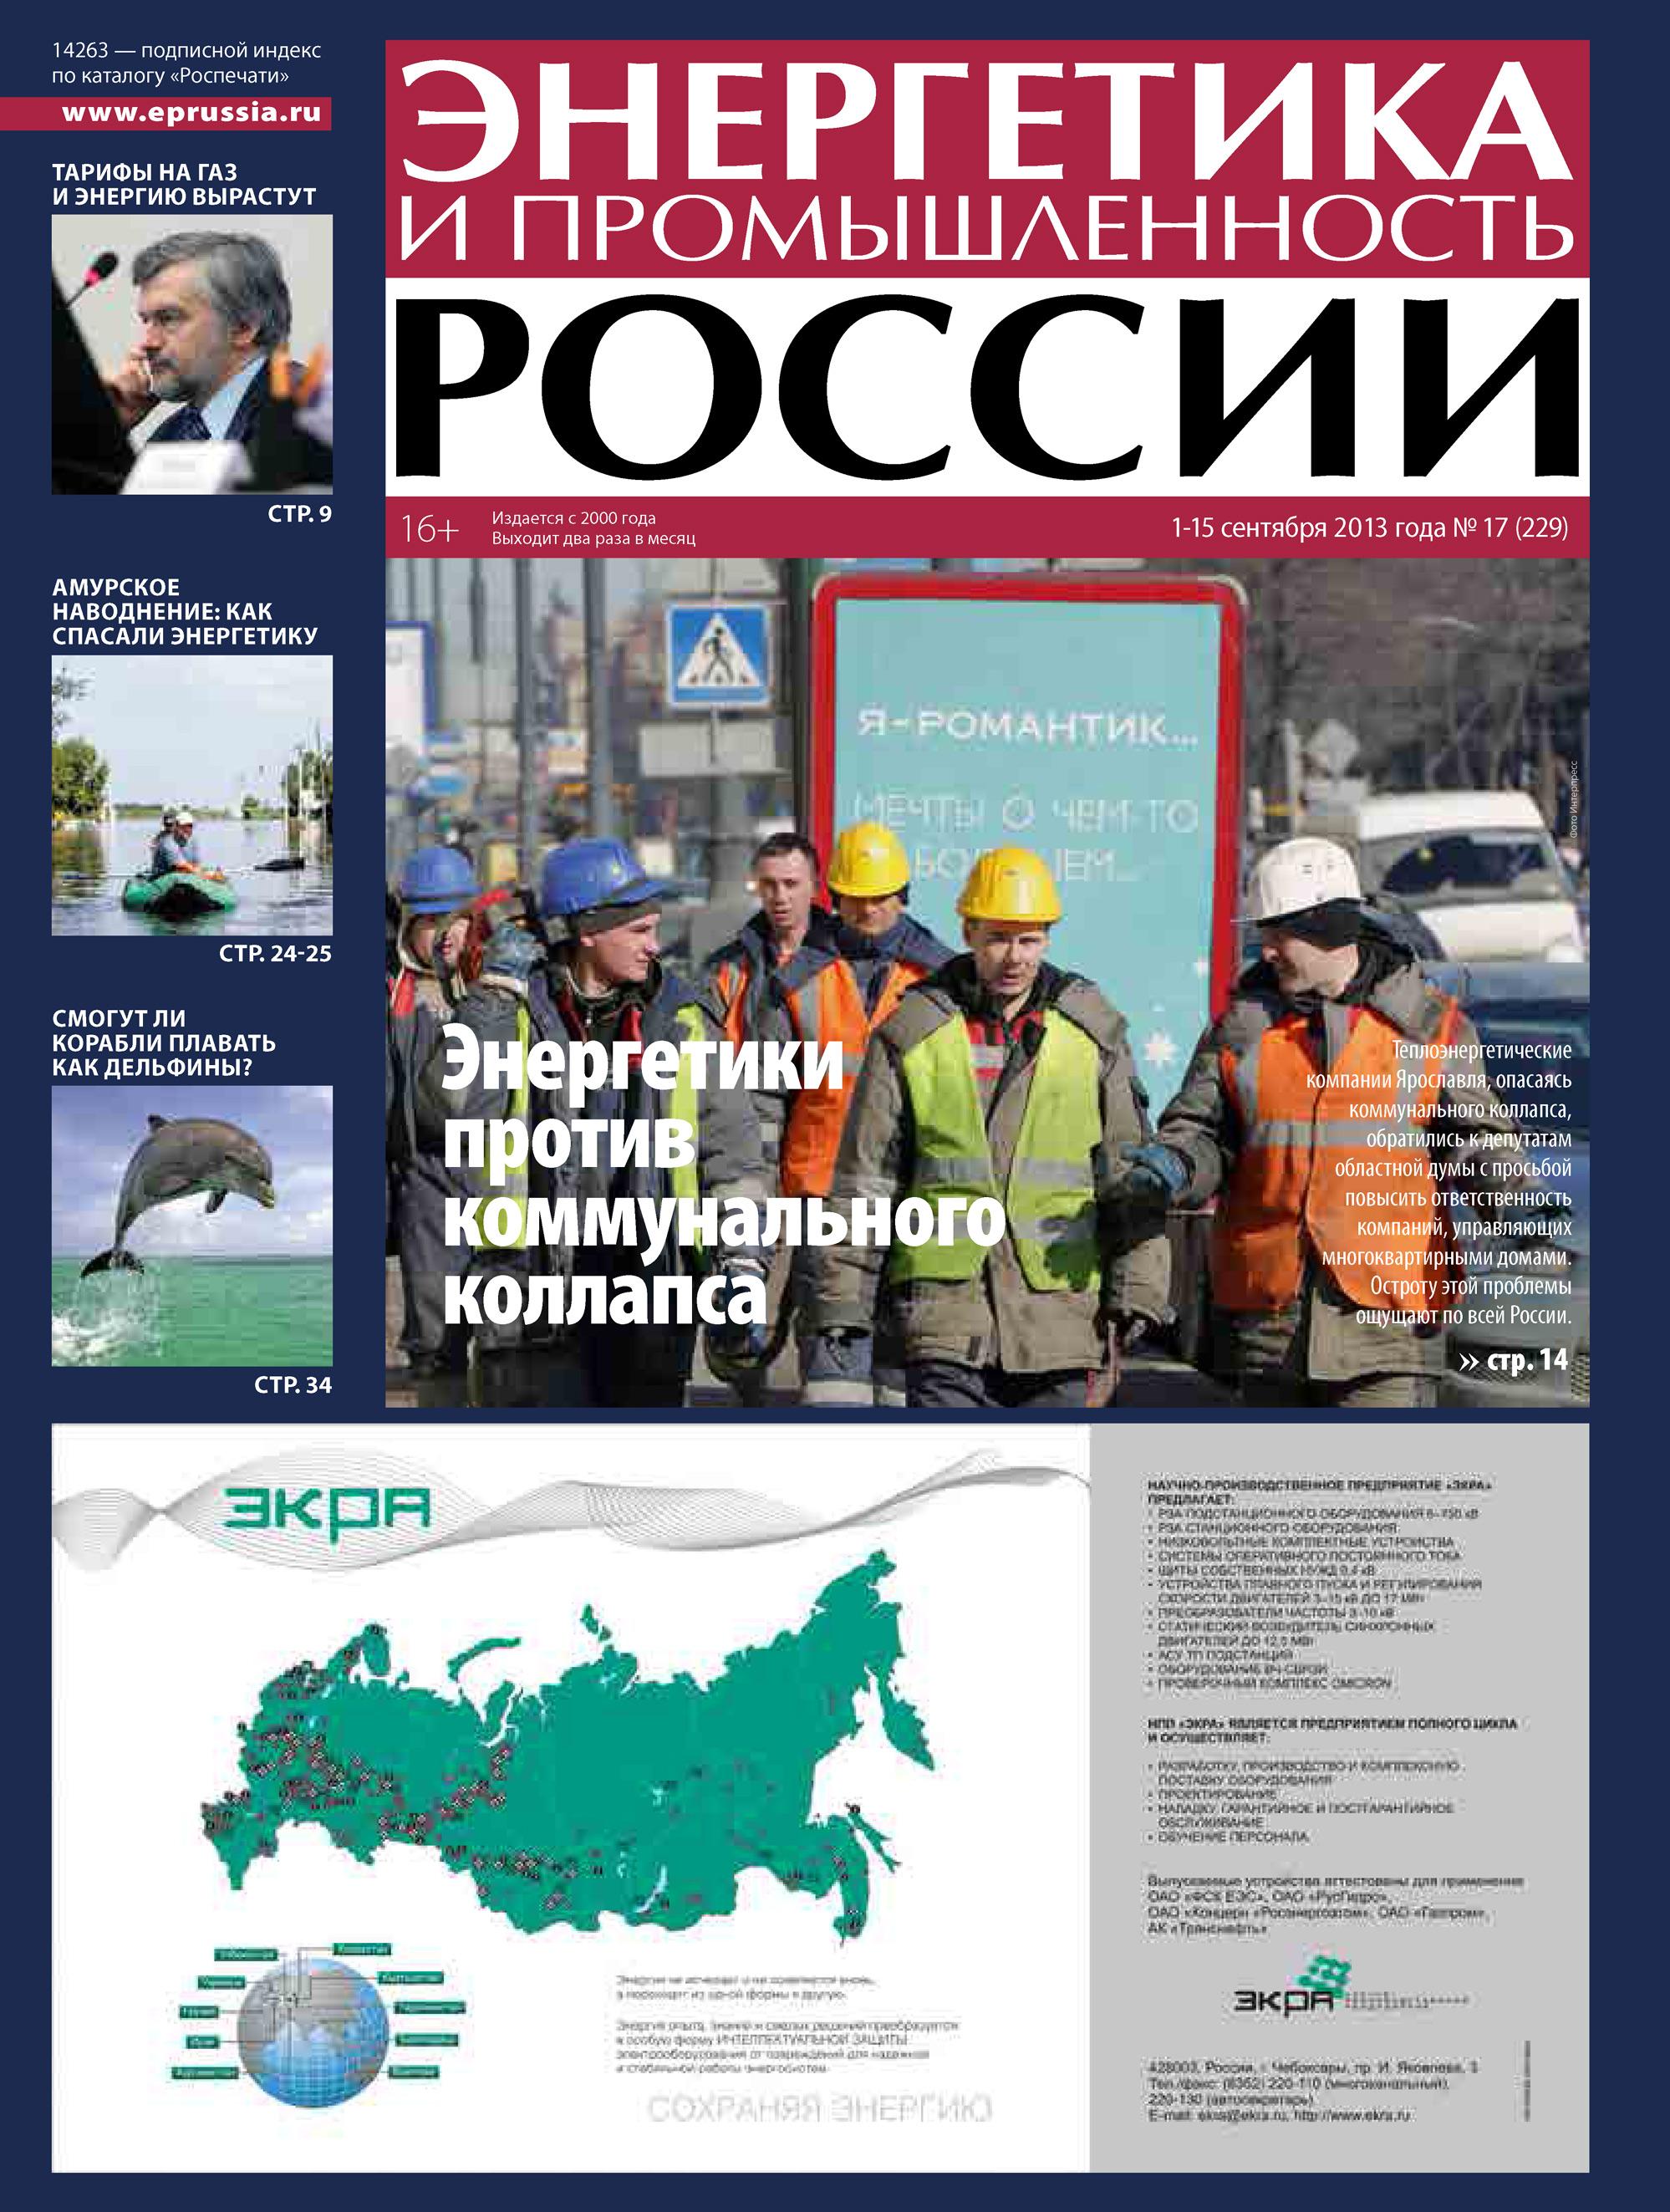 Энергетика и промышленность России №17 2013